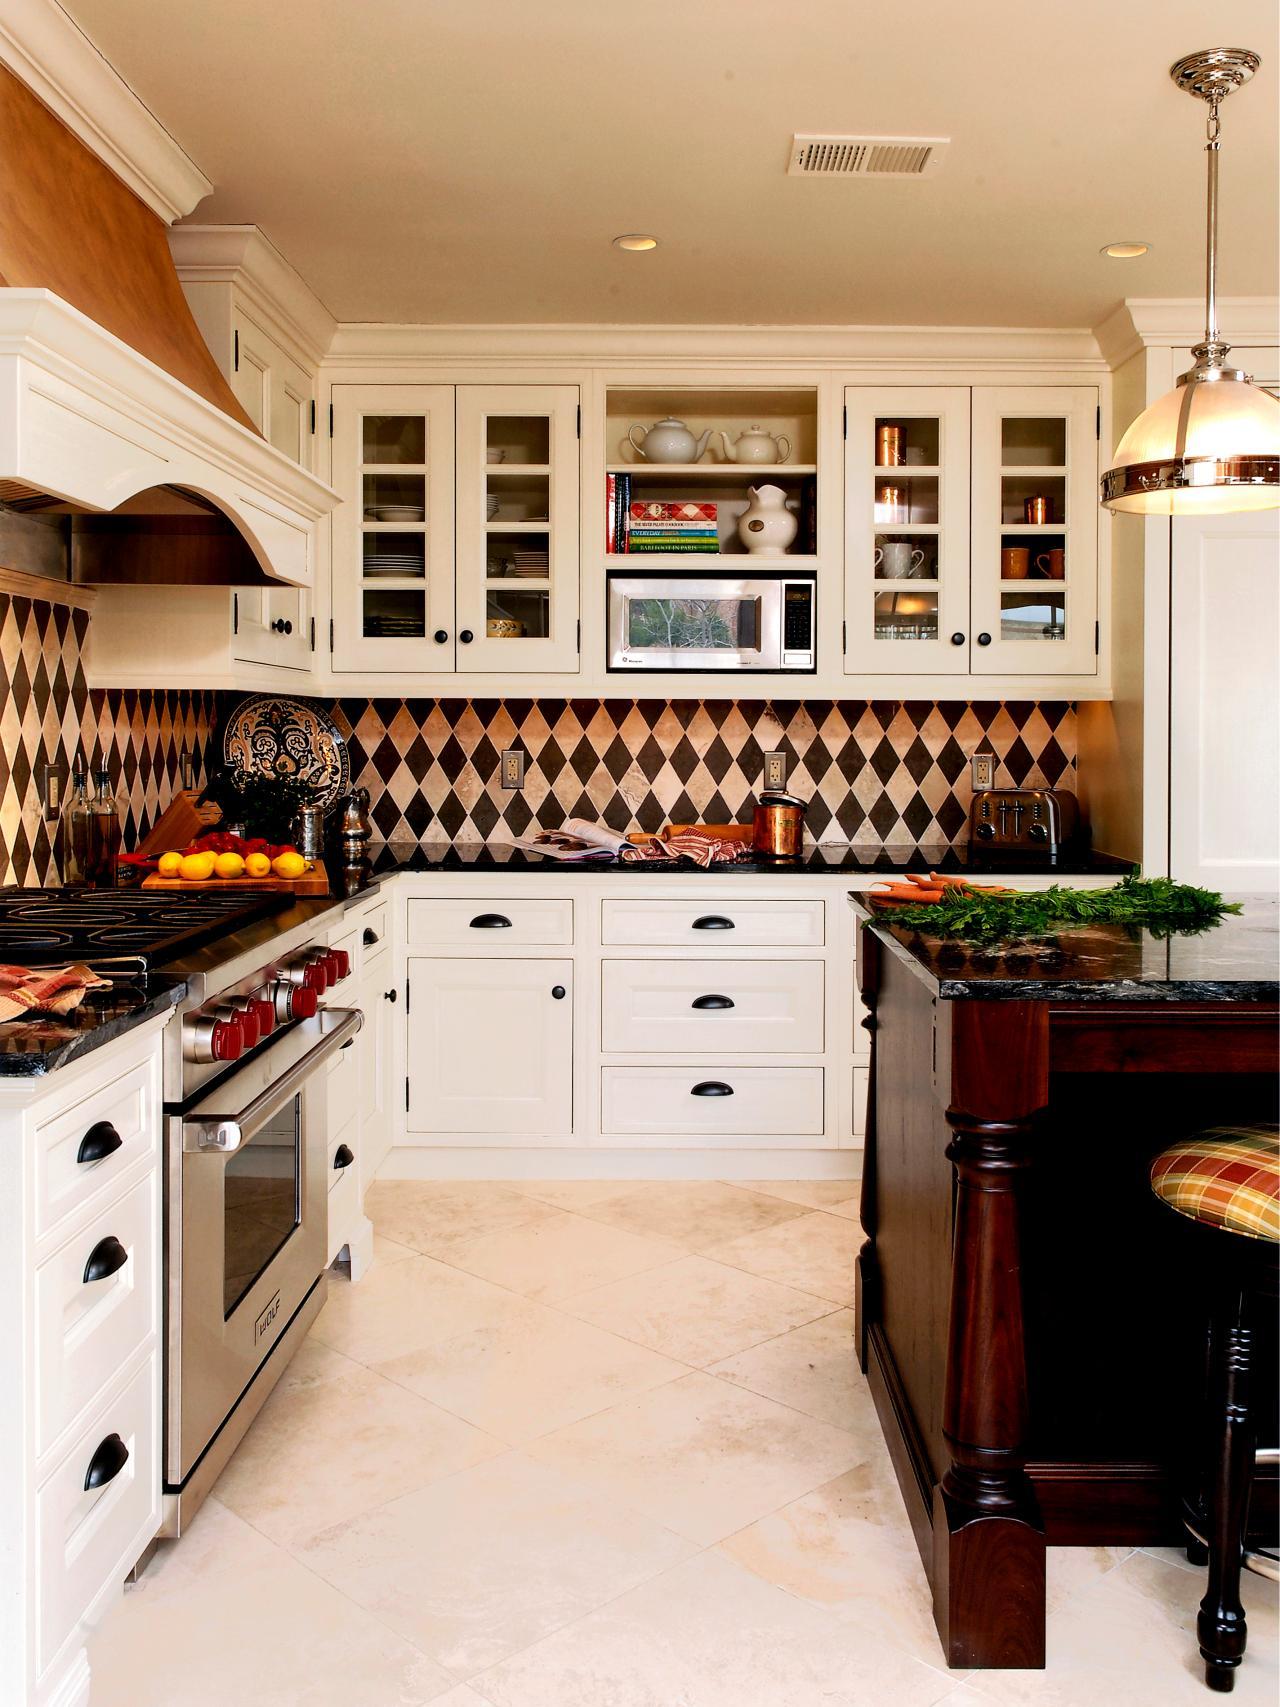 صوره سيراميك للمطابخ الاسباني , ديكورات سيراميك جميله